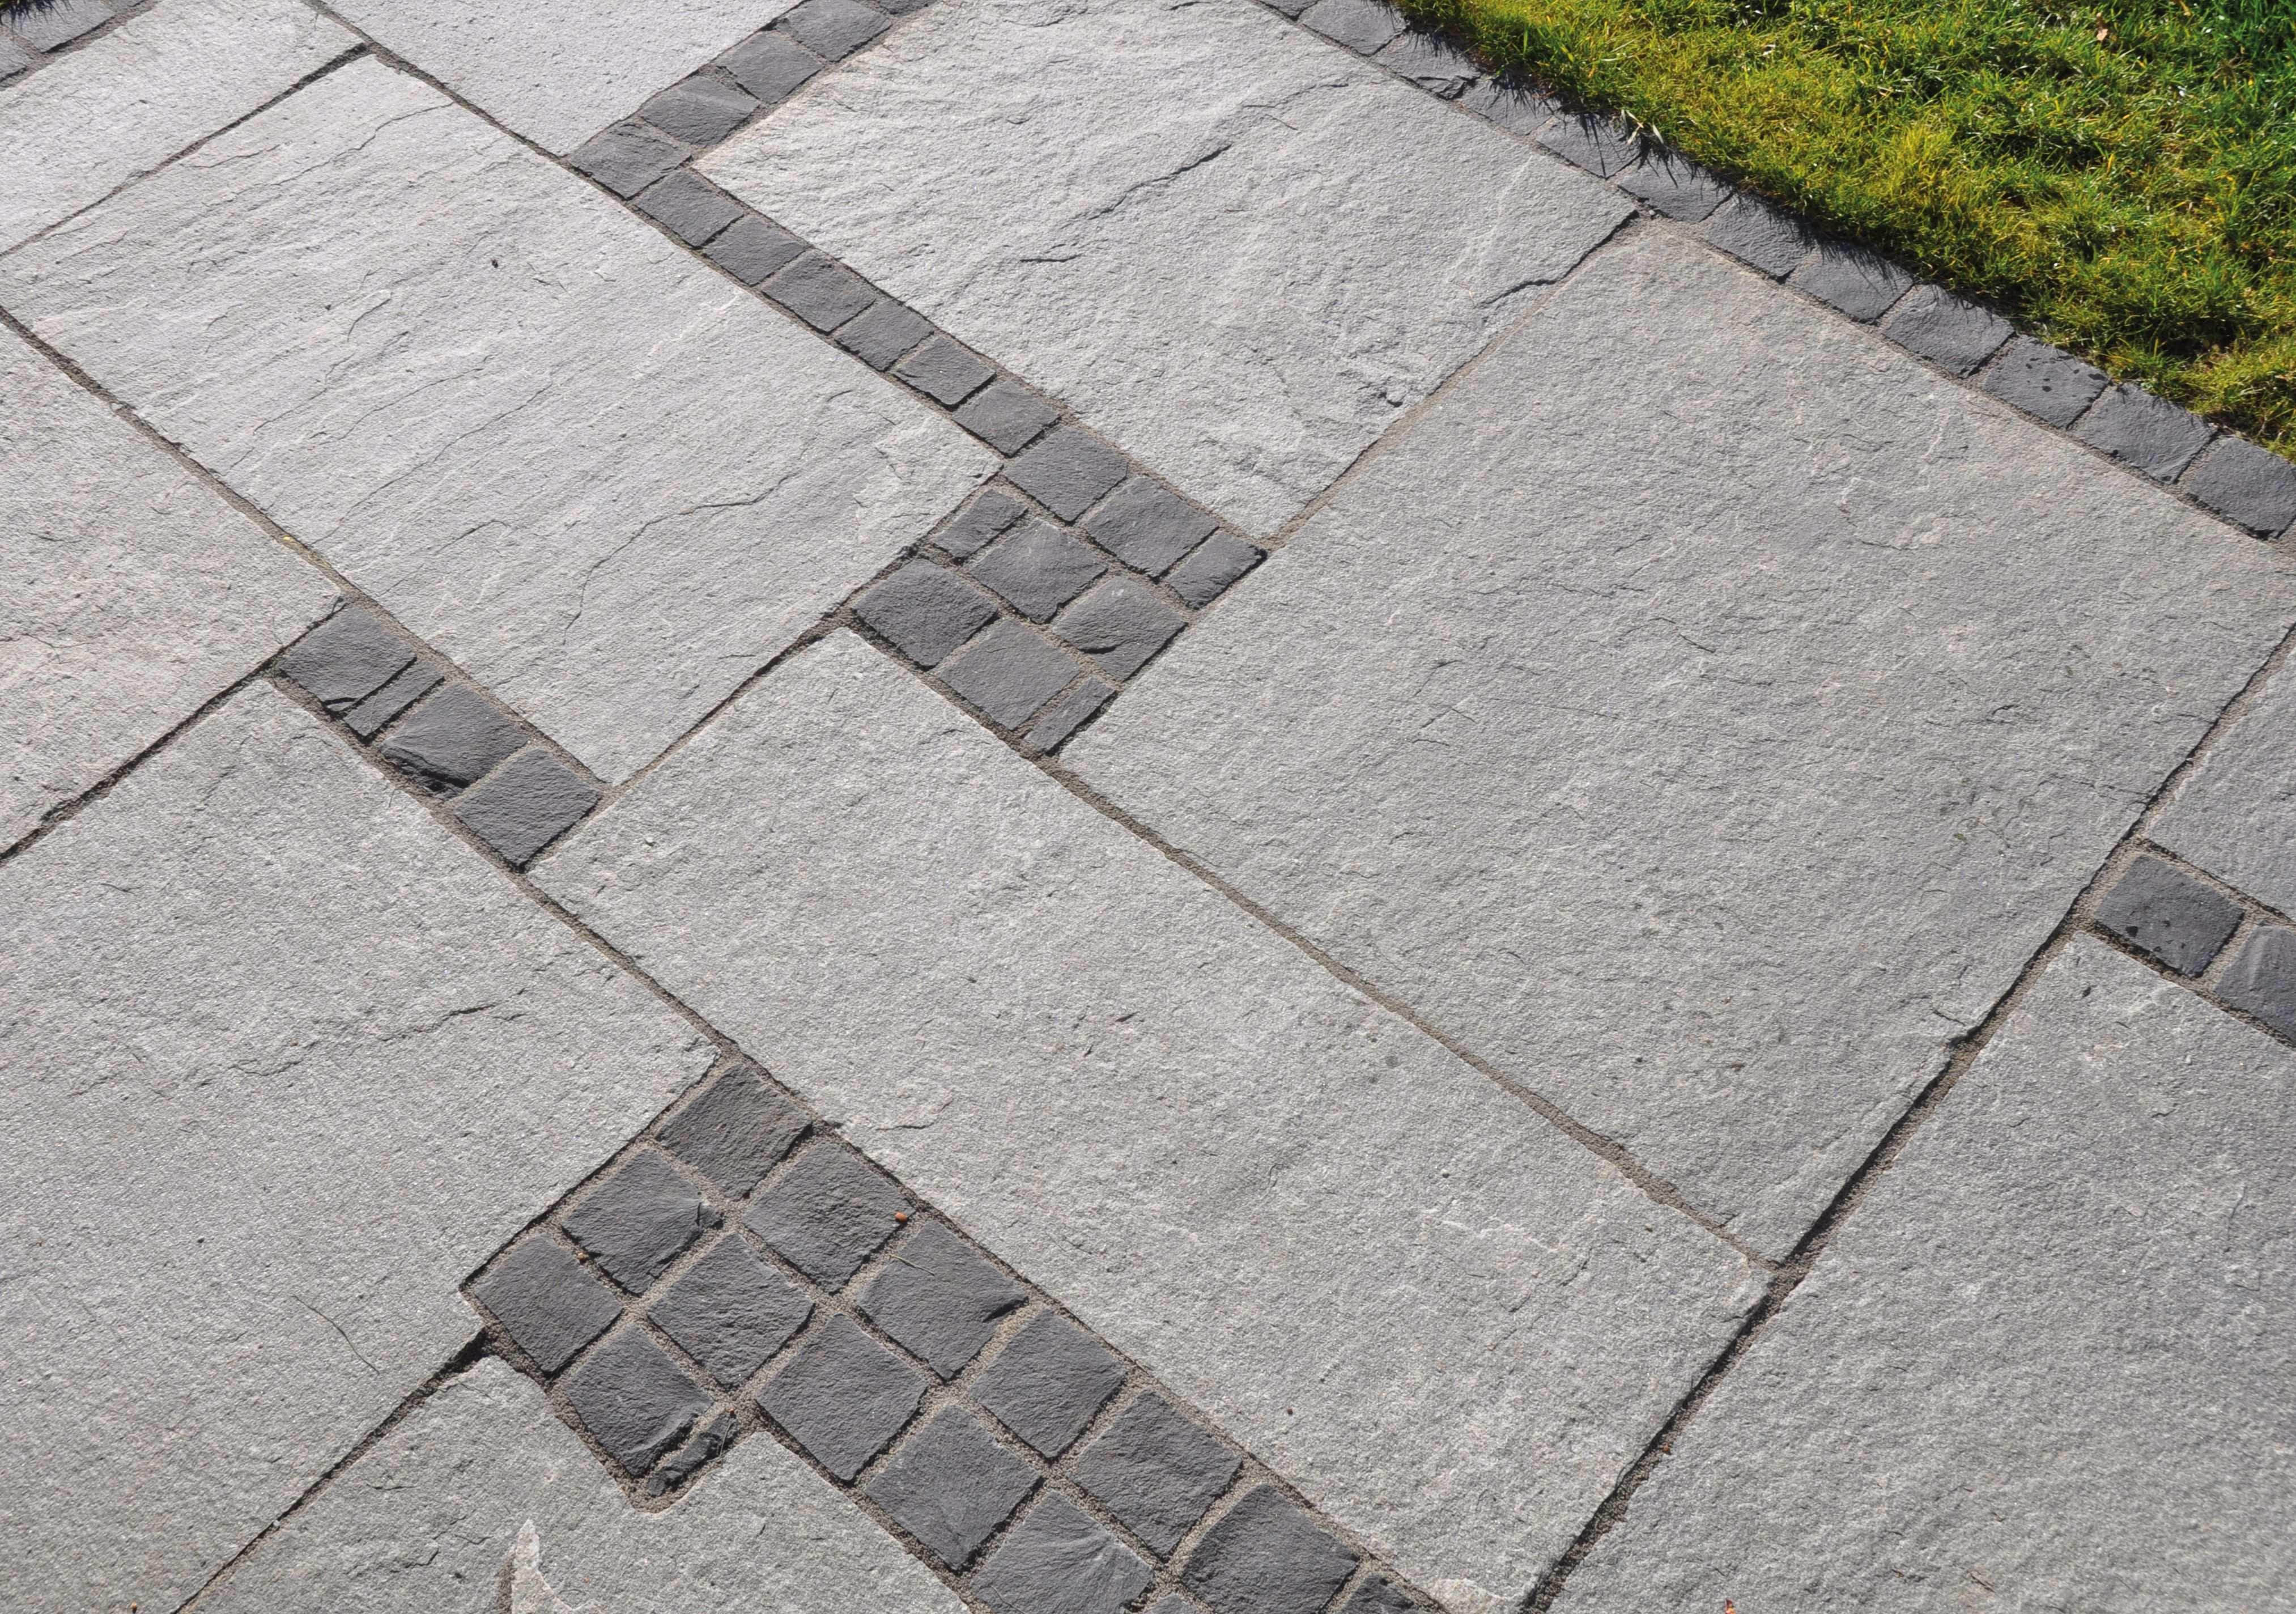 Ein Tolles Muster Kavala Quarzit Terrassenplatten Mit Passenden Blockstufen Der Griechische Quarzit Hat N Garten Fliesen Steinterrassen Naturstein Terrasse